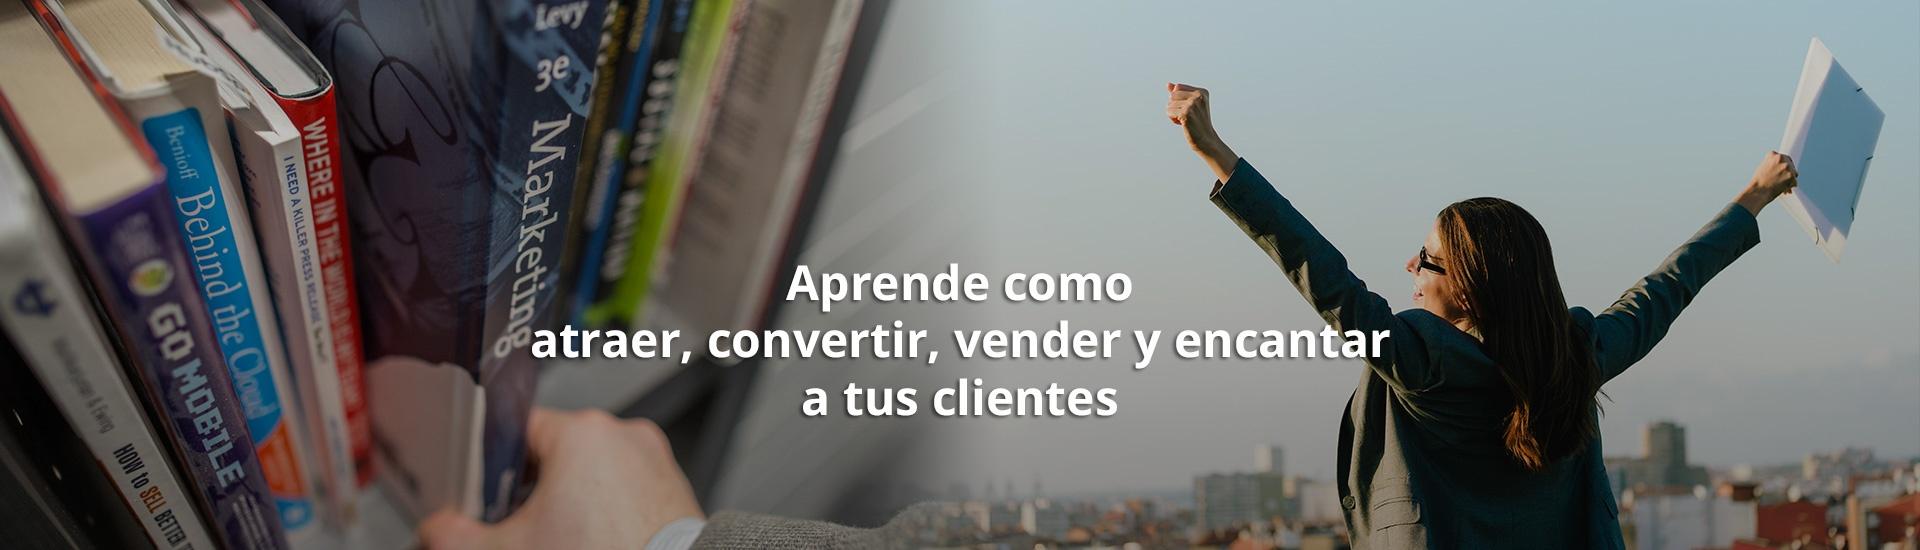 Impulse Blog | Agencia de Inbound Marketing